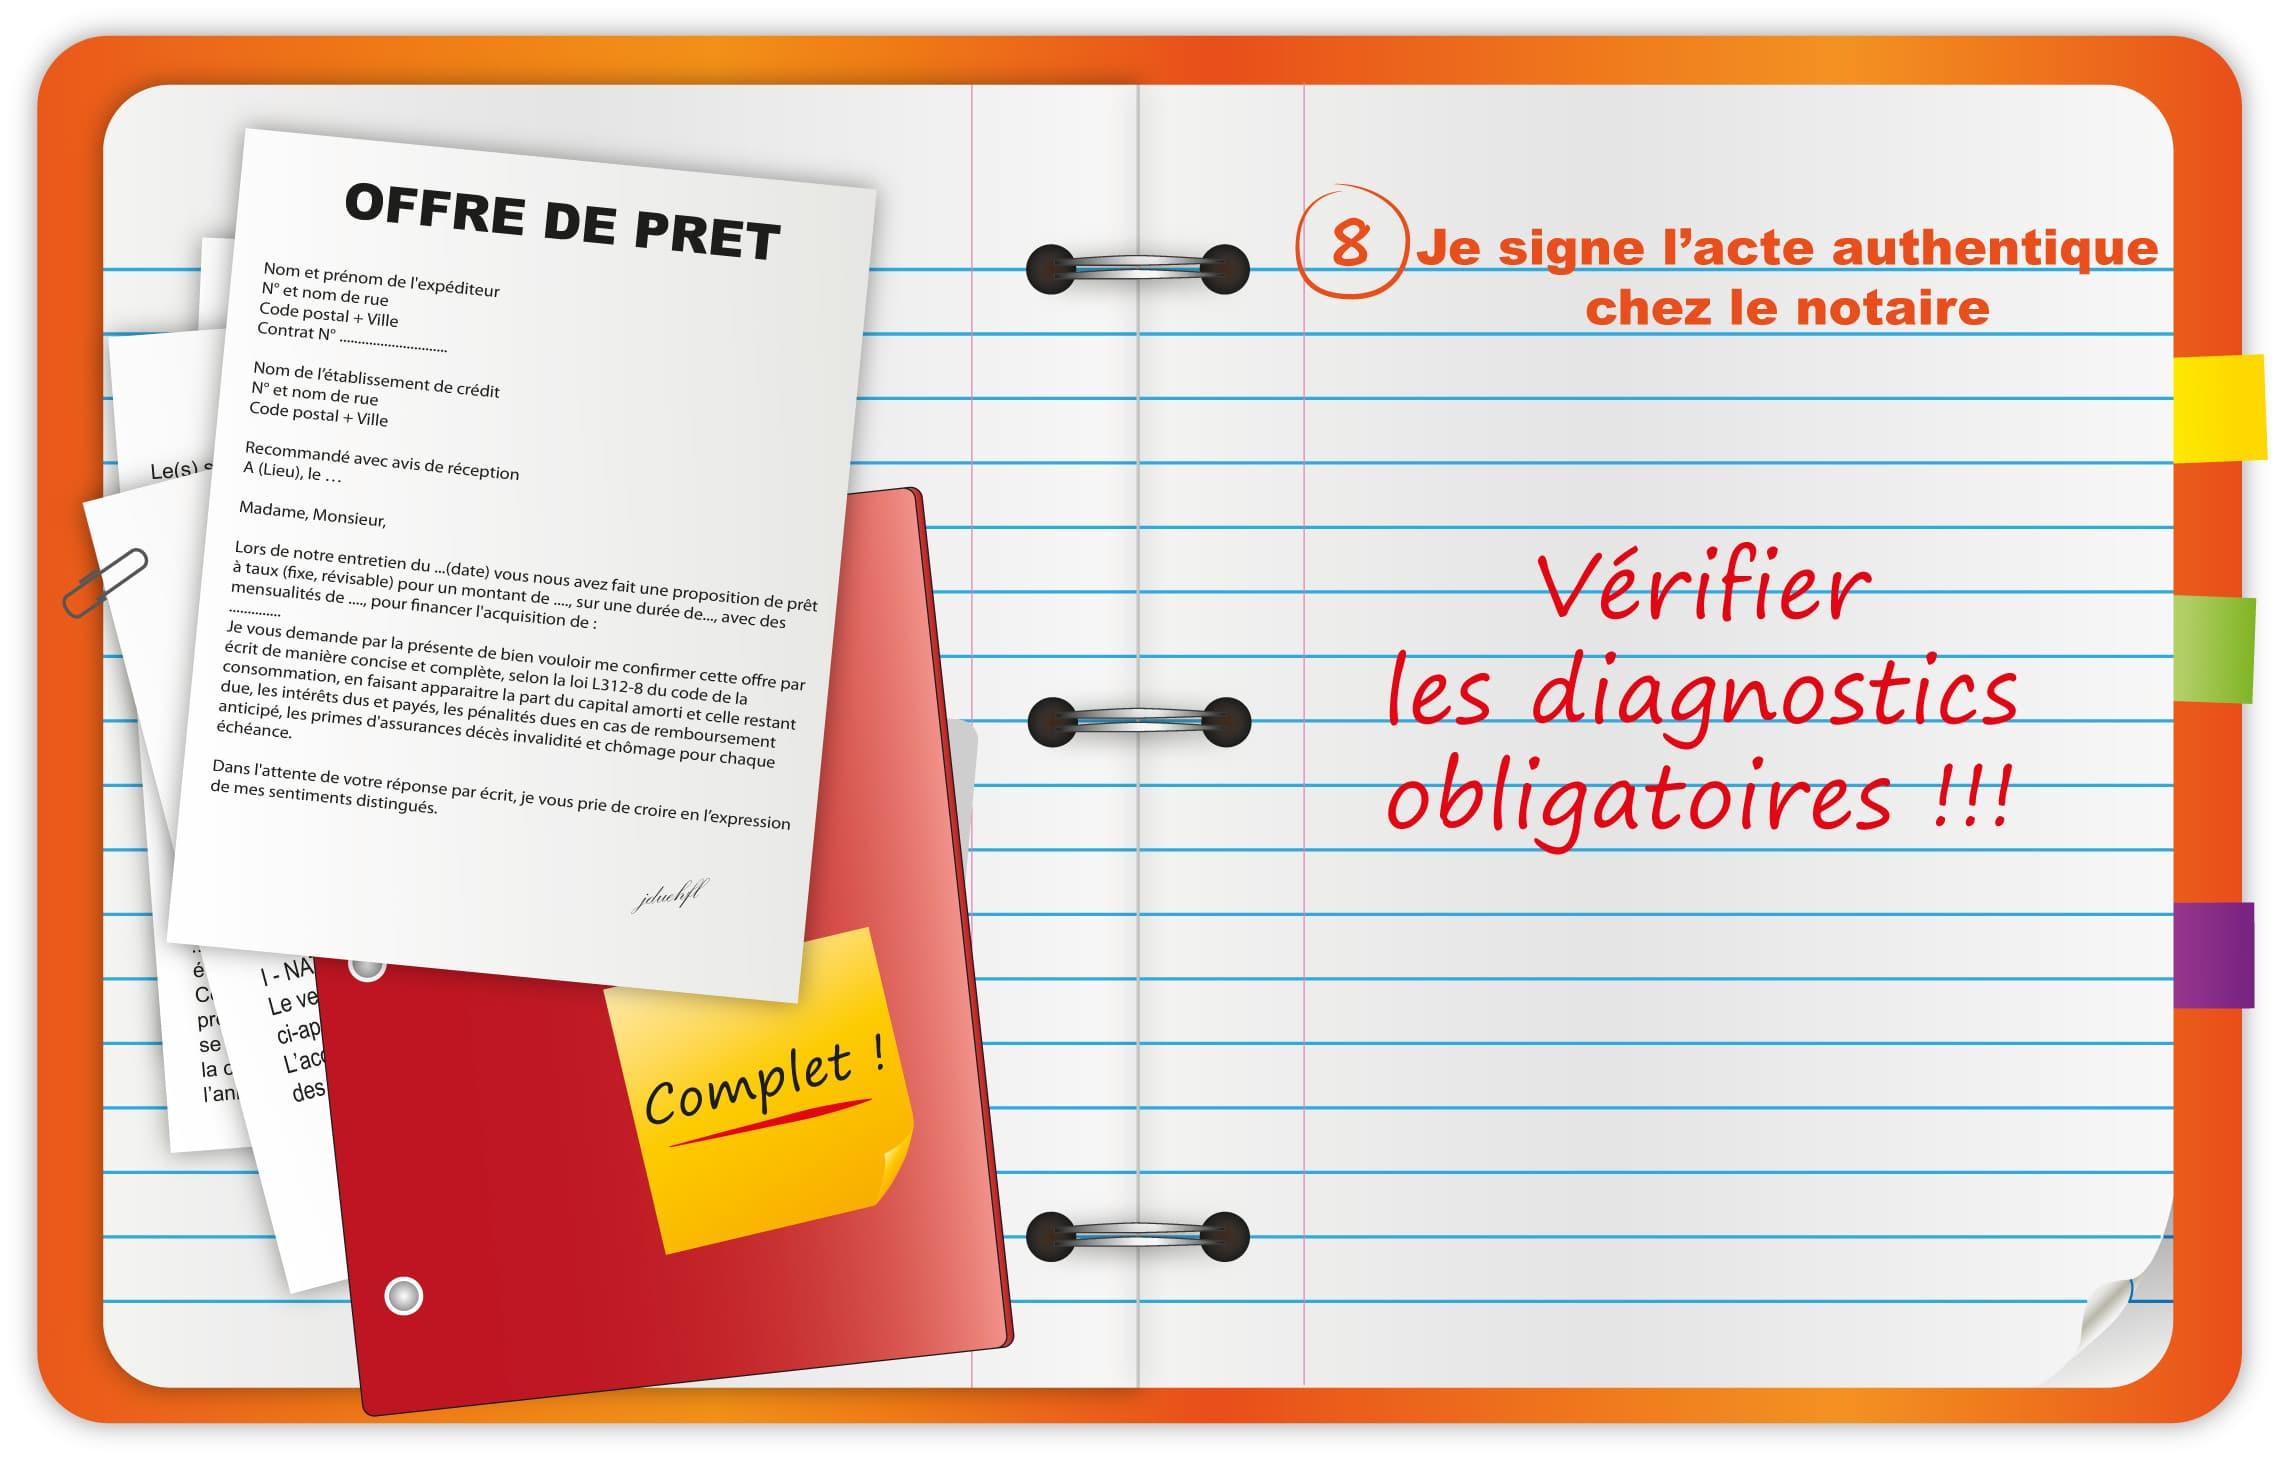 8 Je Signe L Acte Authentique Chez Le Notaire